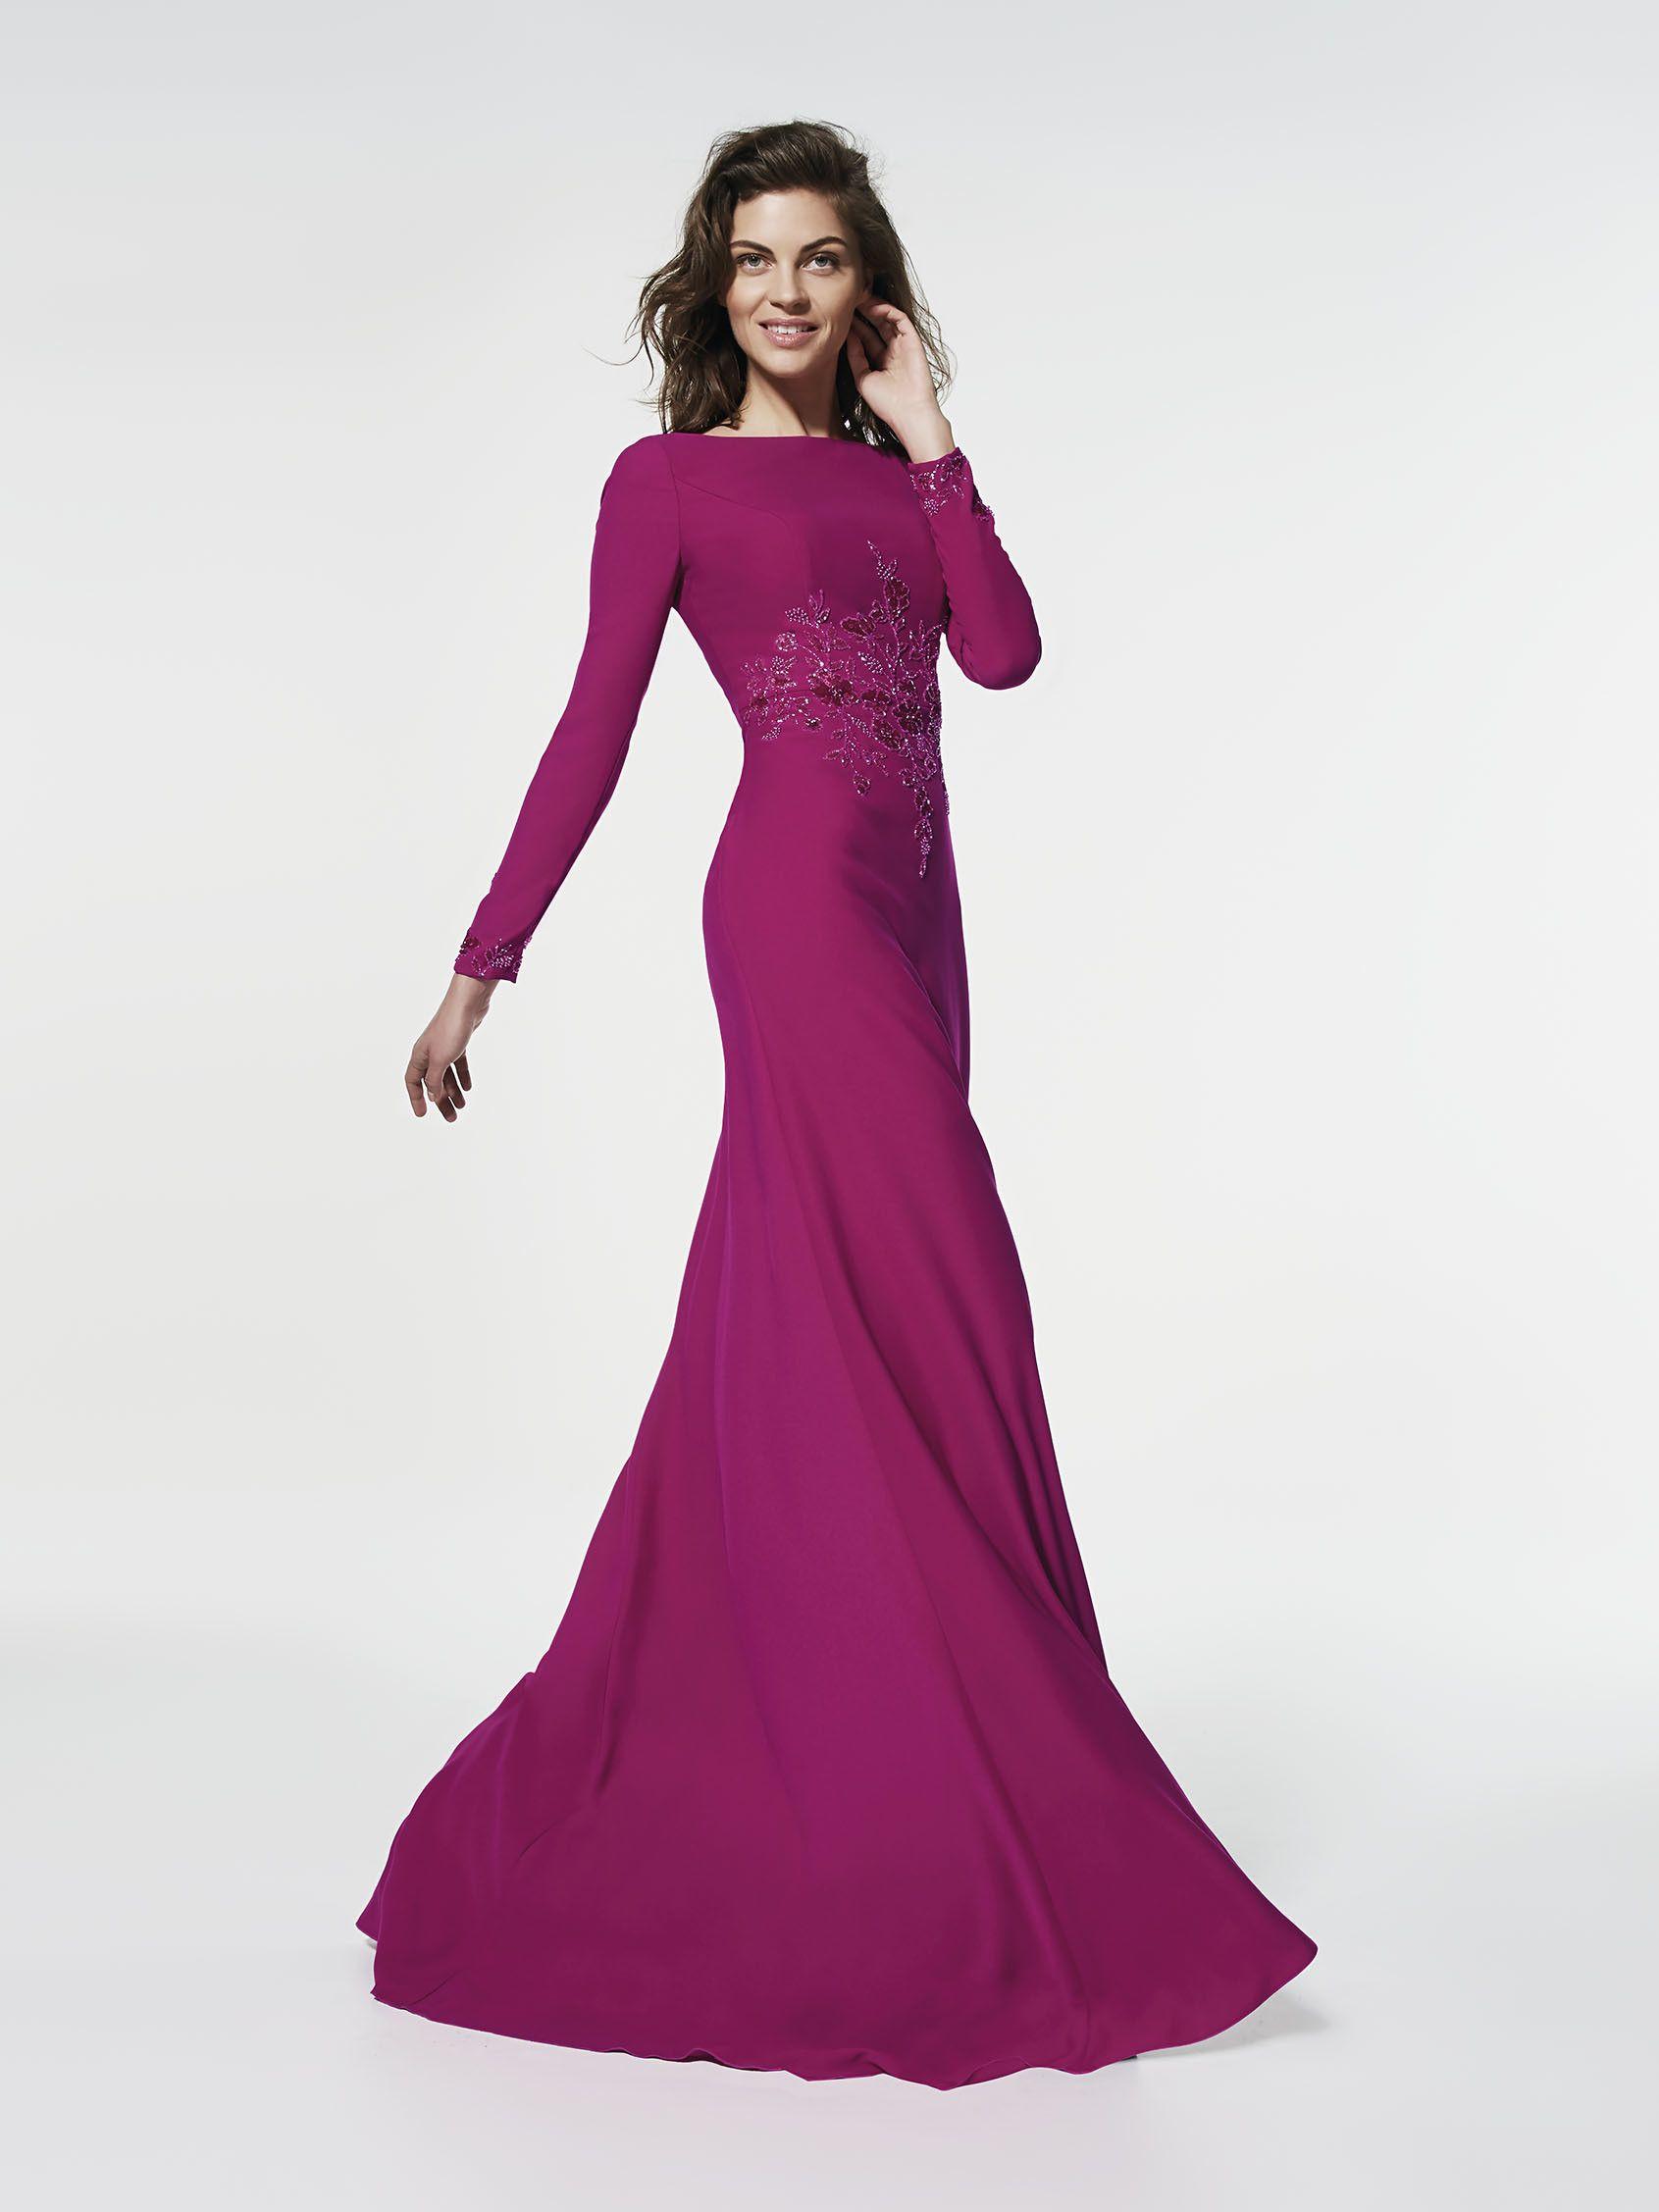 Femenino y con mucha clase. Precioso vestido de fiesta largo evasé ...